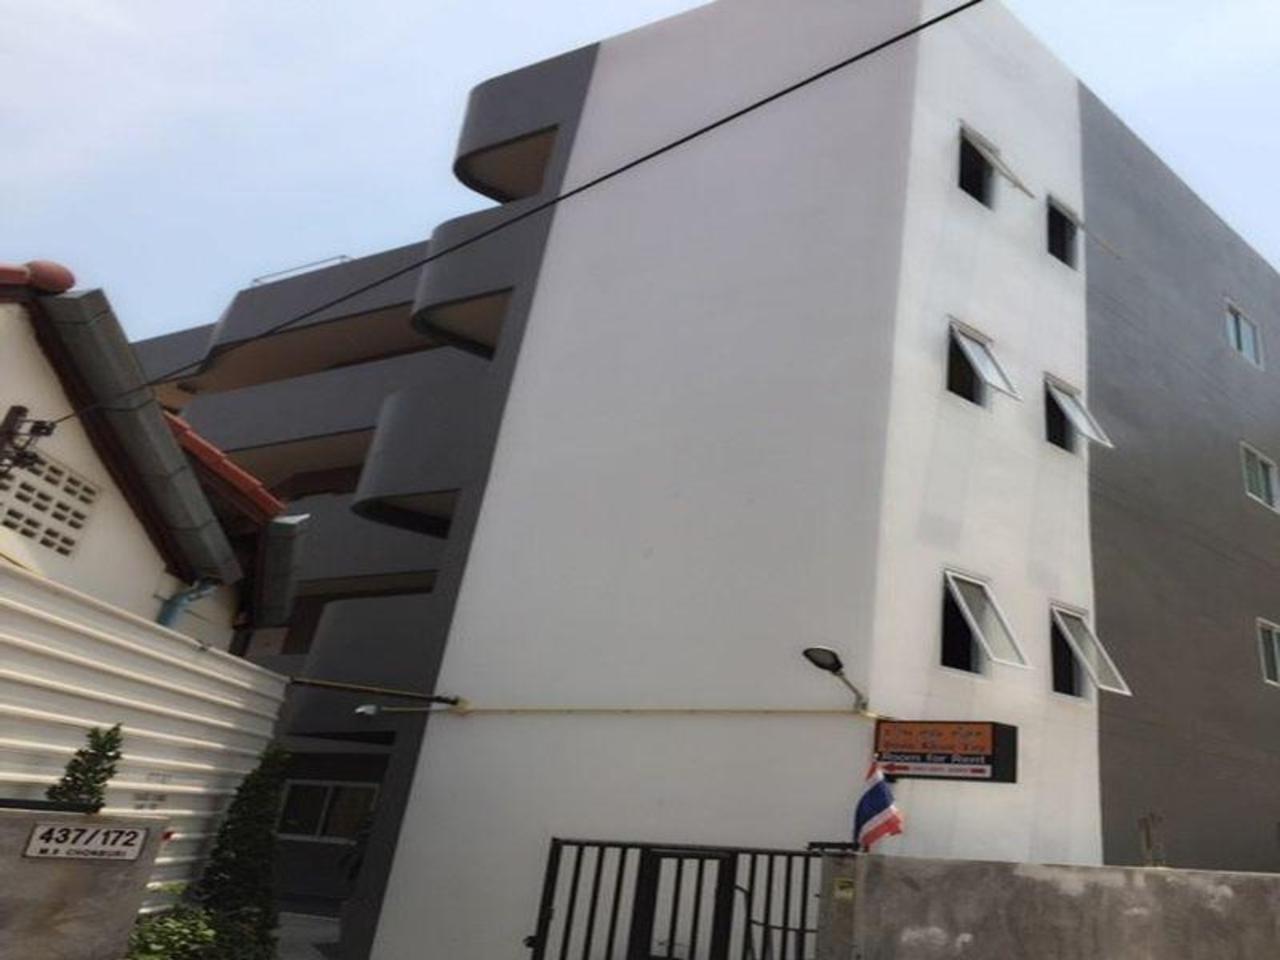 บ้านคุณย้อย (Baan Khun Yoy)